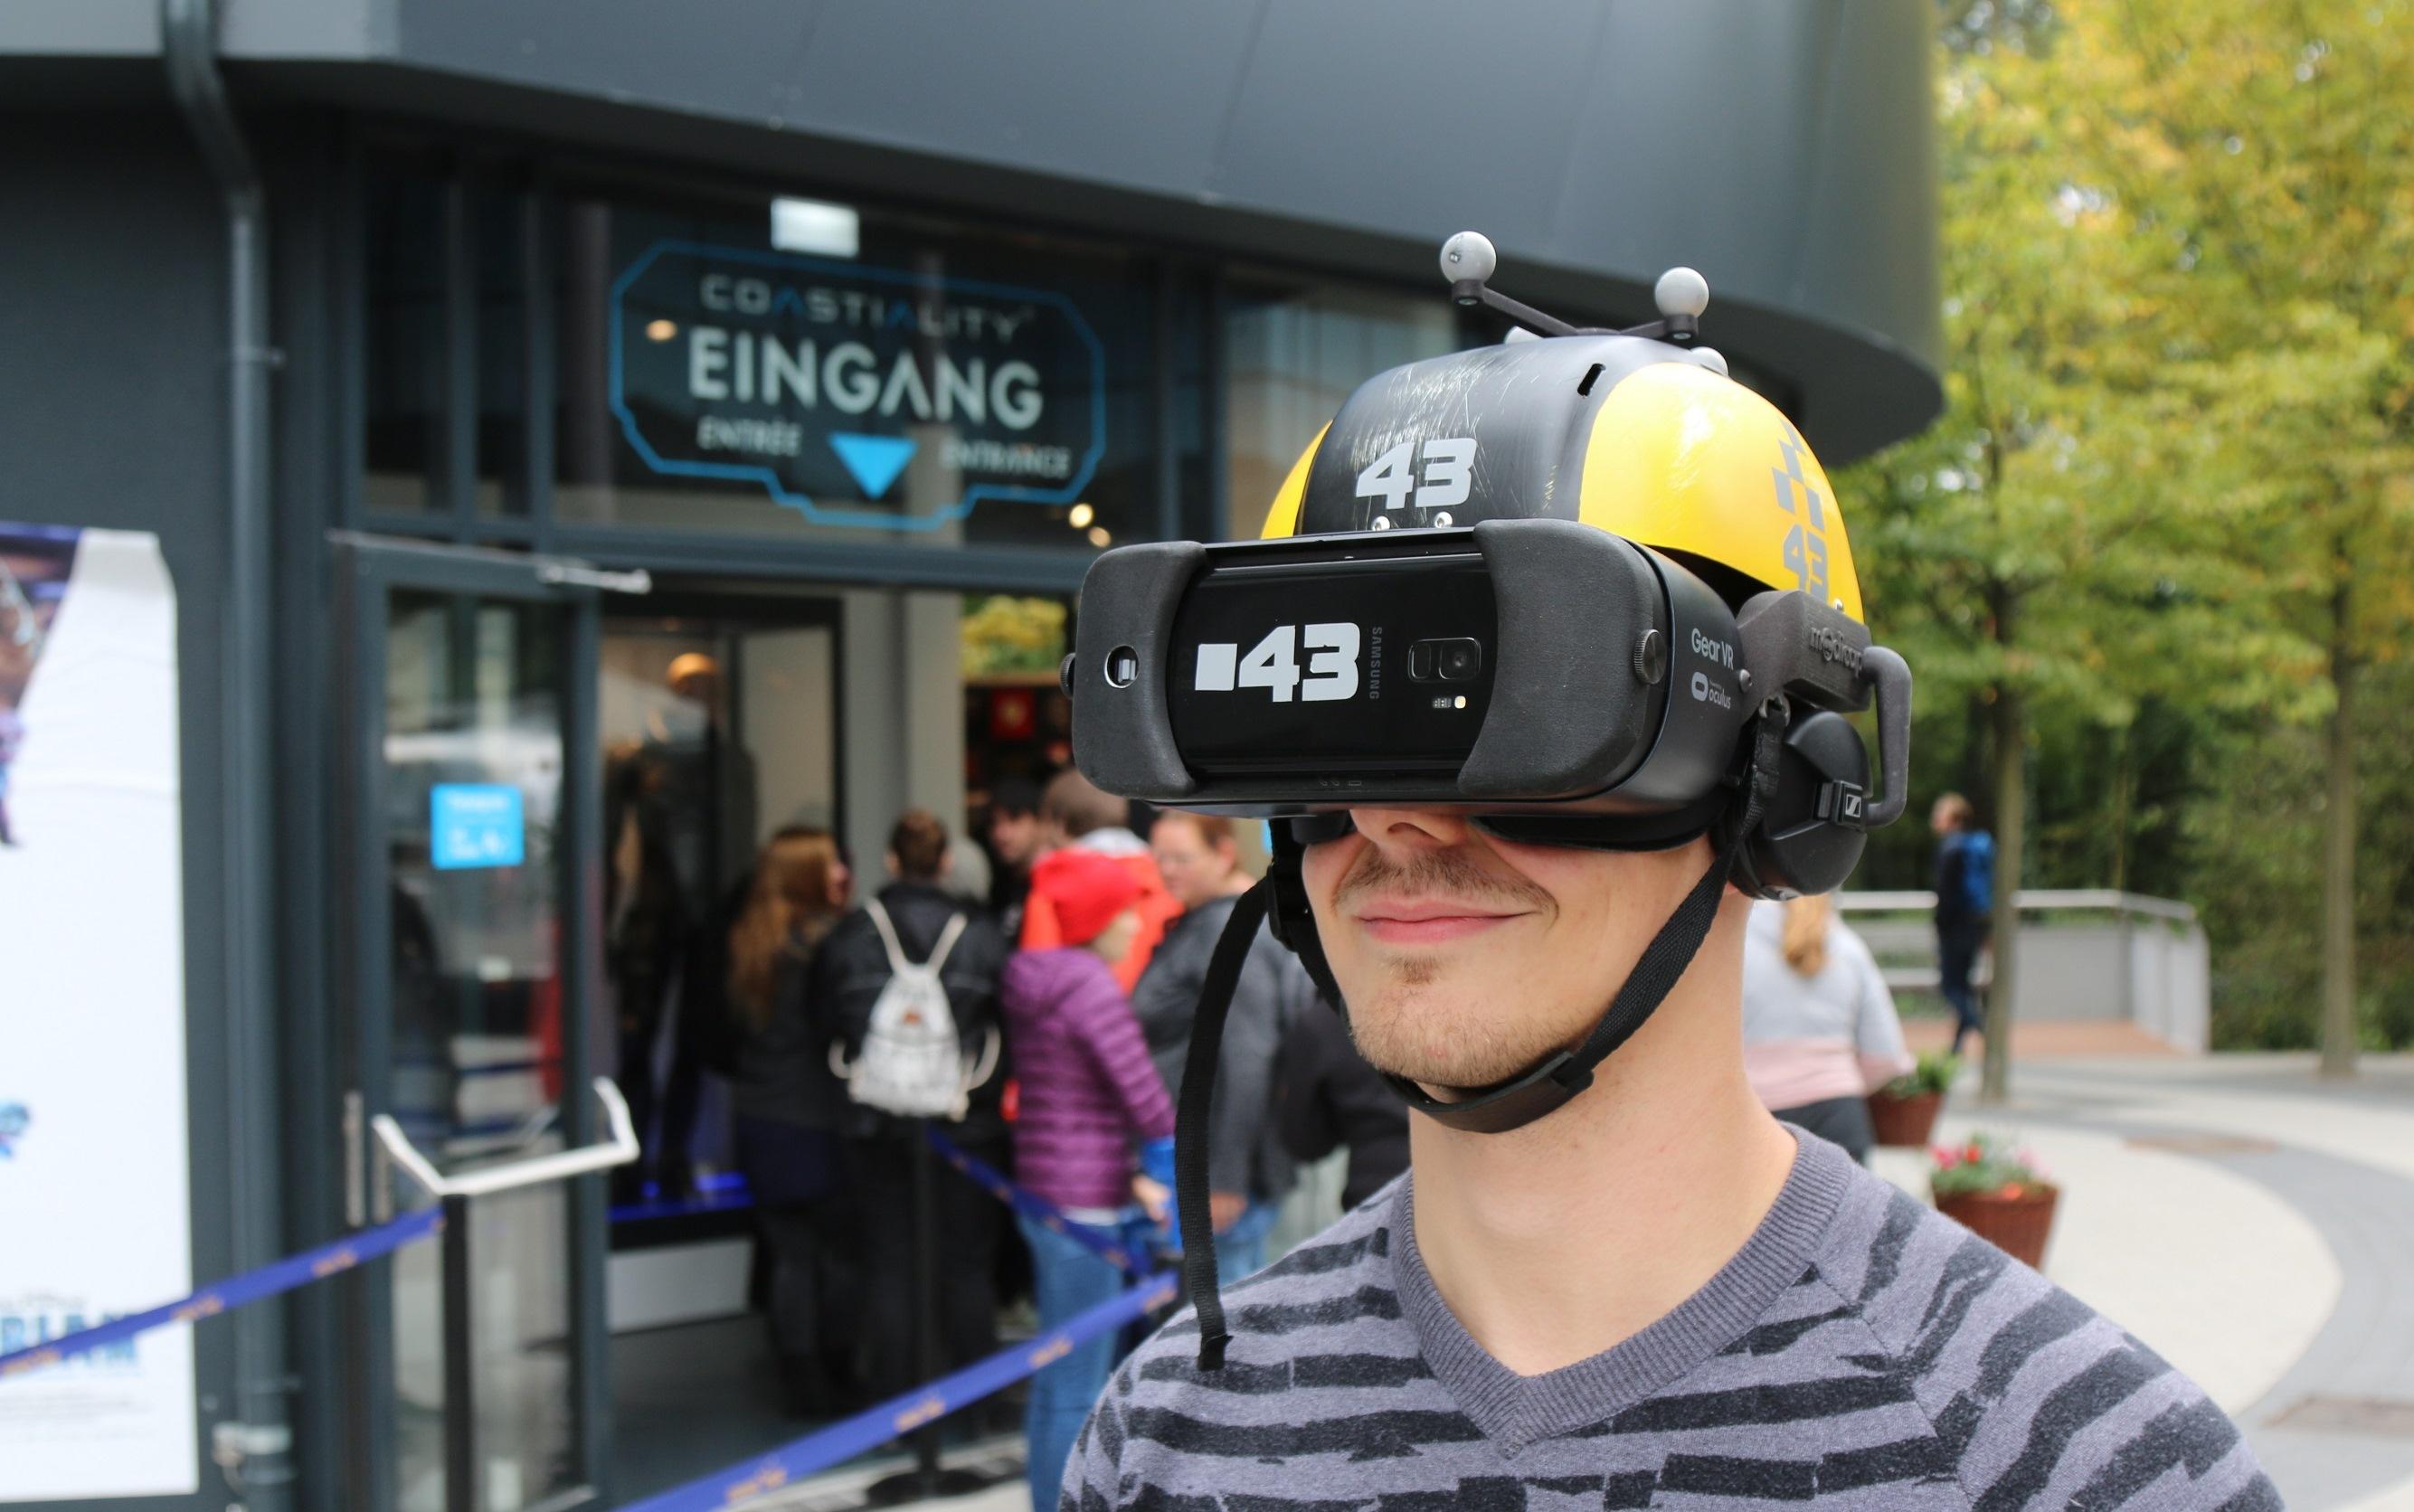 """Matthias Krempl hat das innovative """"Eurosat Coastiality"""" mit der besonderen """"Kopfbedeckung"""" getestet"""